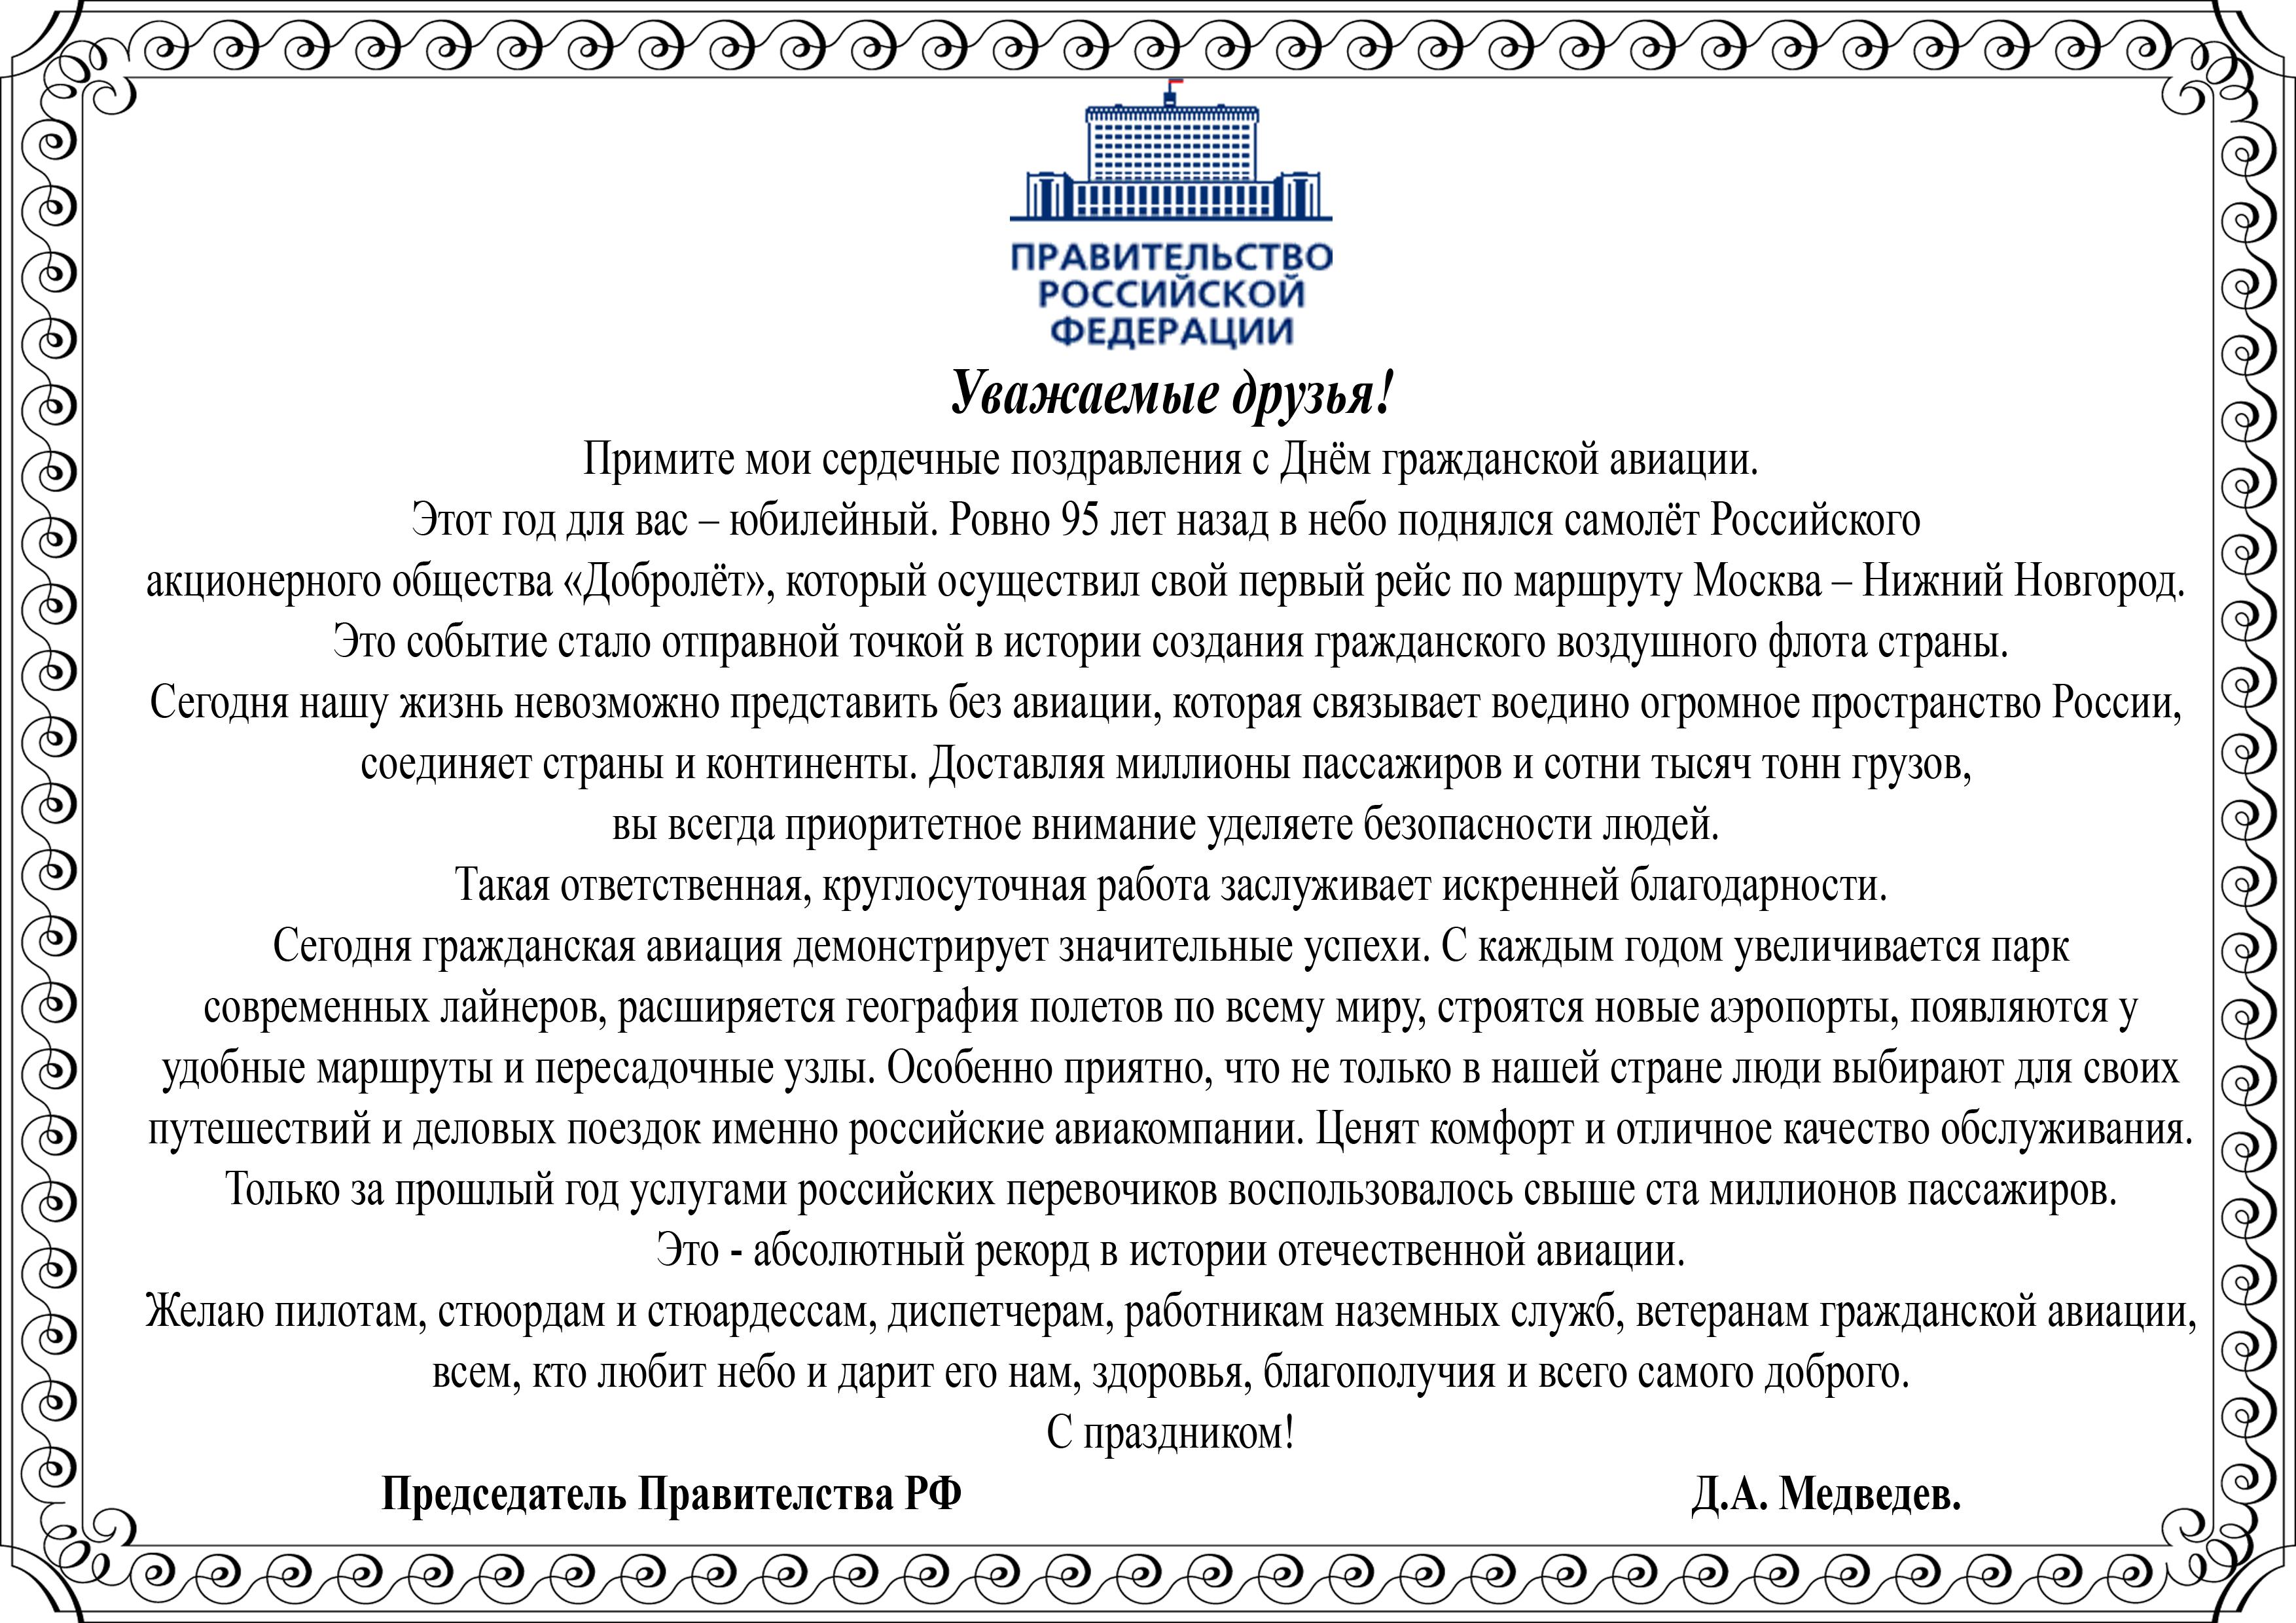 Поздравление Председателя Правительства